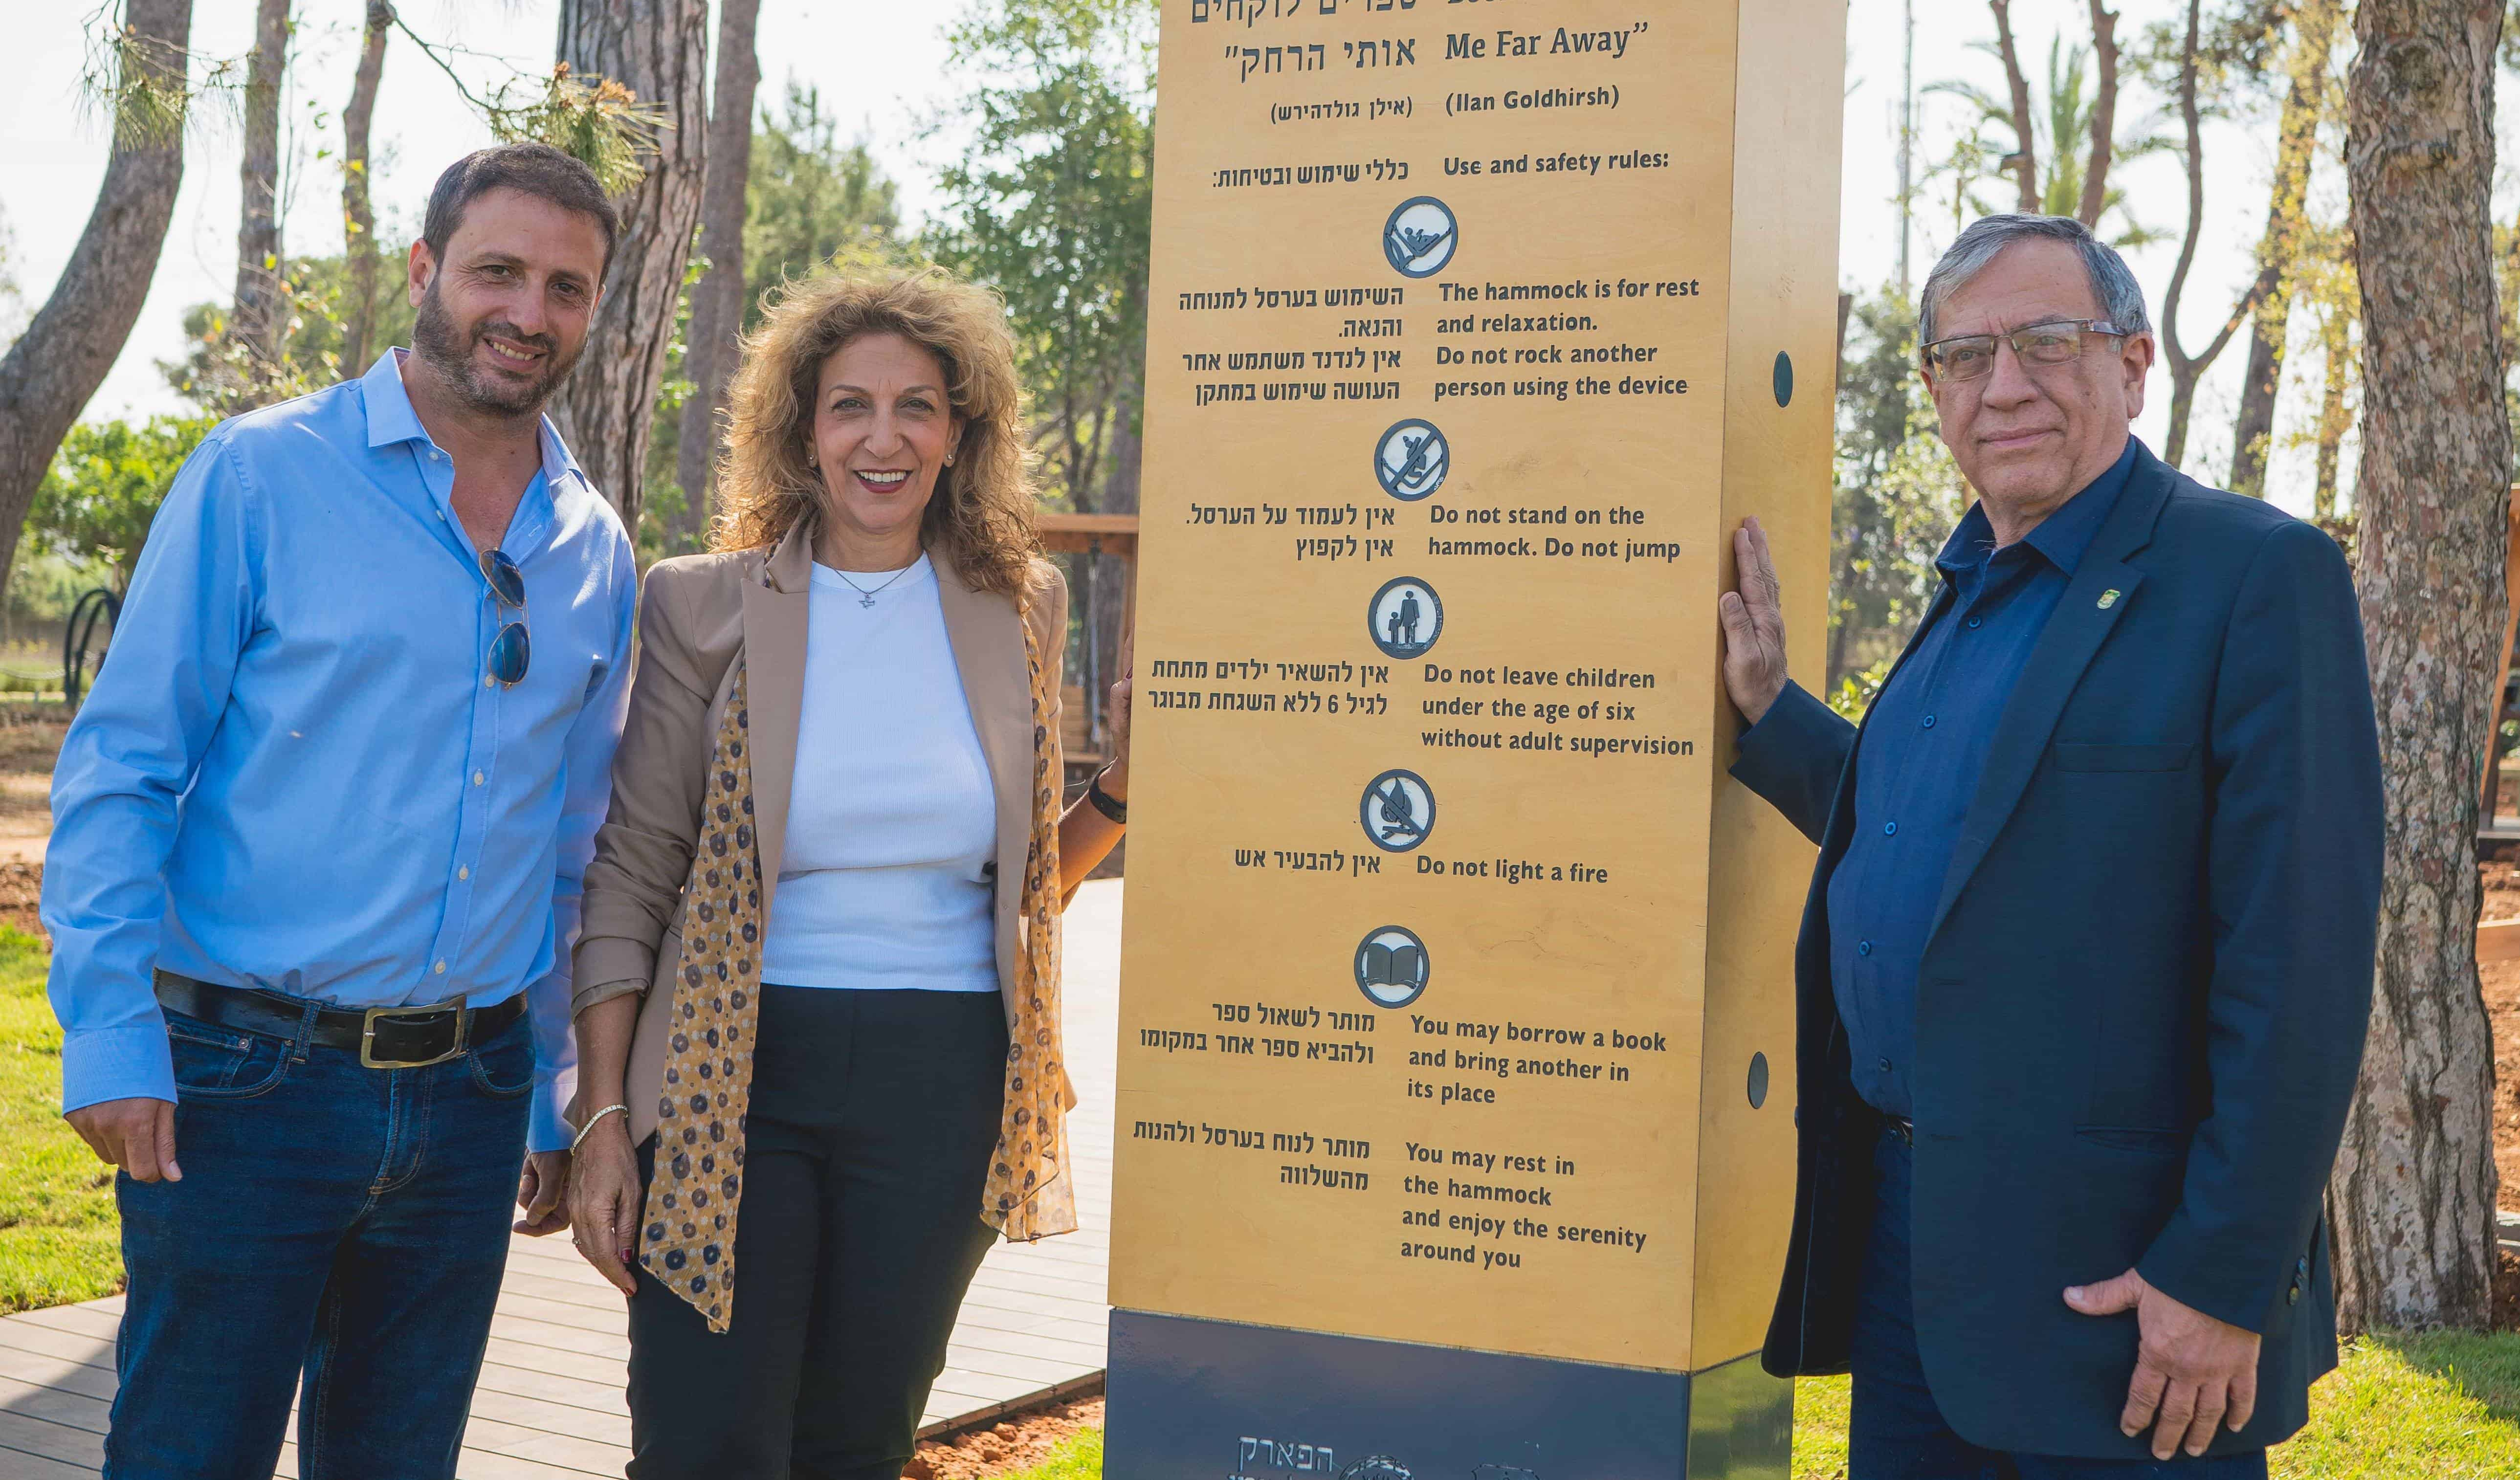 """בתמונה מימין: ראש העירייה ישראל זינגר, אדווה פולק מחזיקת תיק הפארק הלאומי וירון שמואלי מנכ""""ל הפארק, צילום: באדיבות דוברות עיריית רמת גן"""